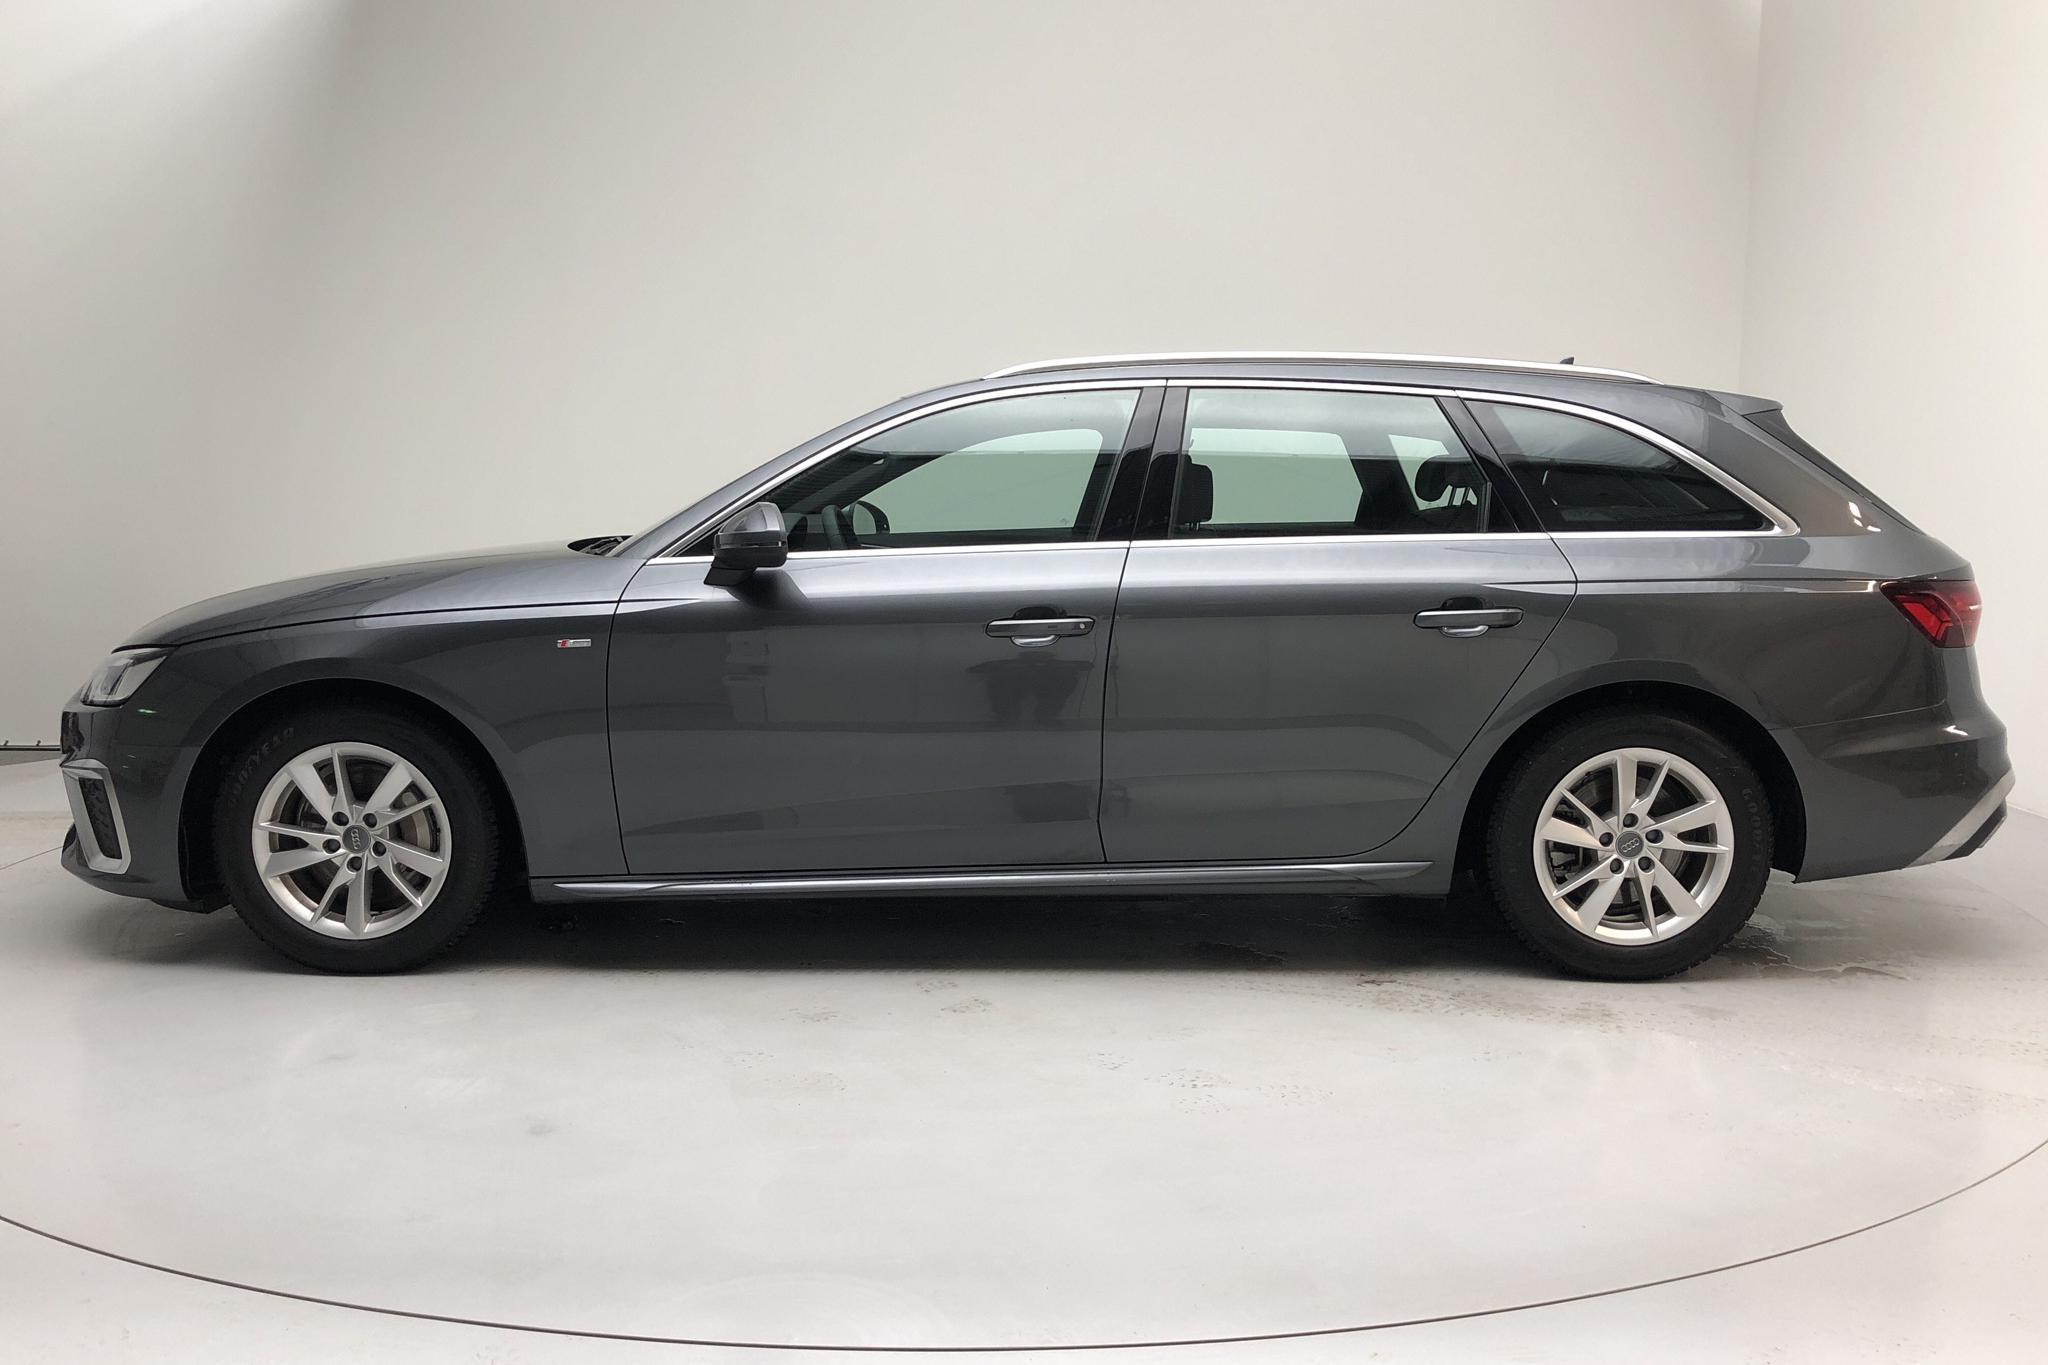 Audi A4 Avant 40 TDI quattro (190hk) - 784 mil - Automat - grå - 2020